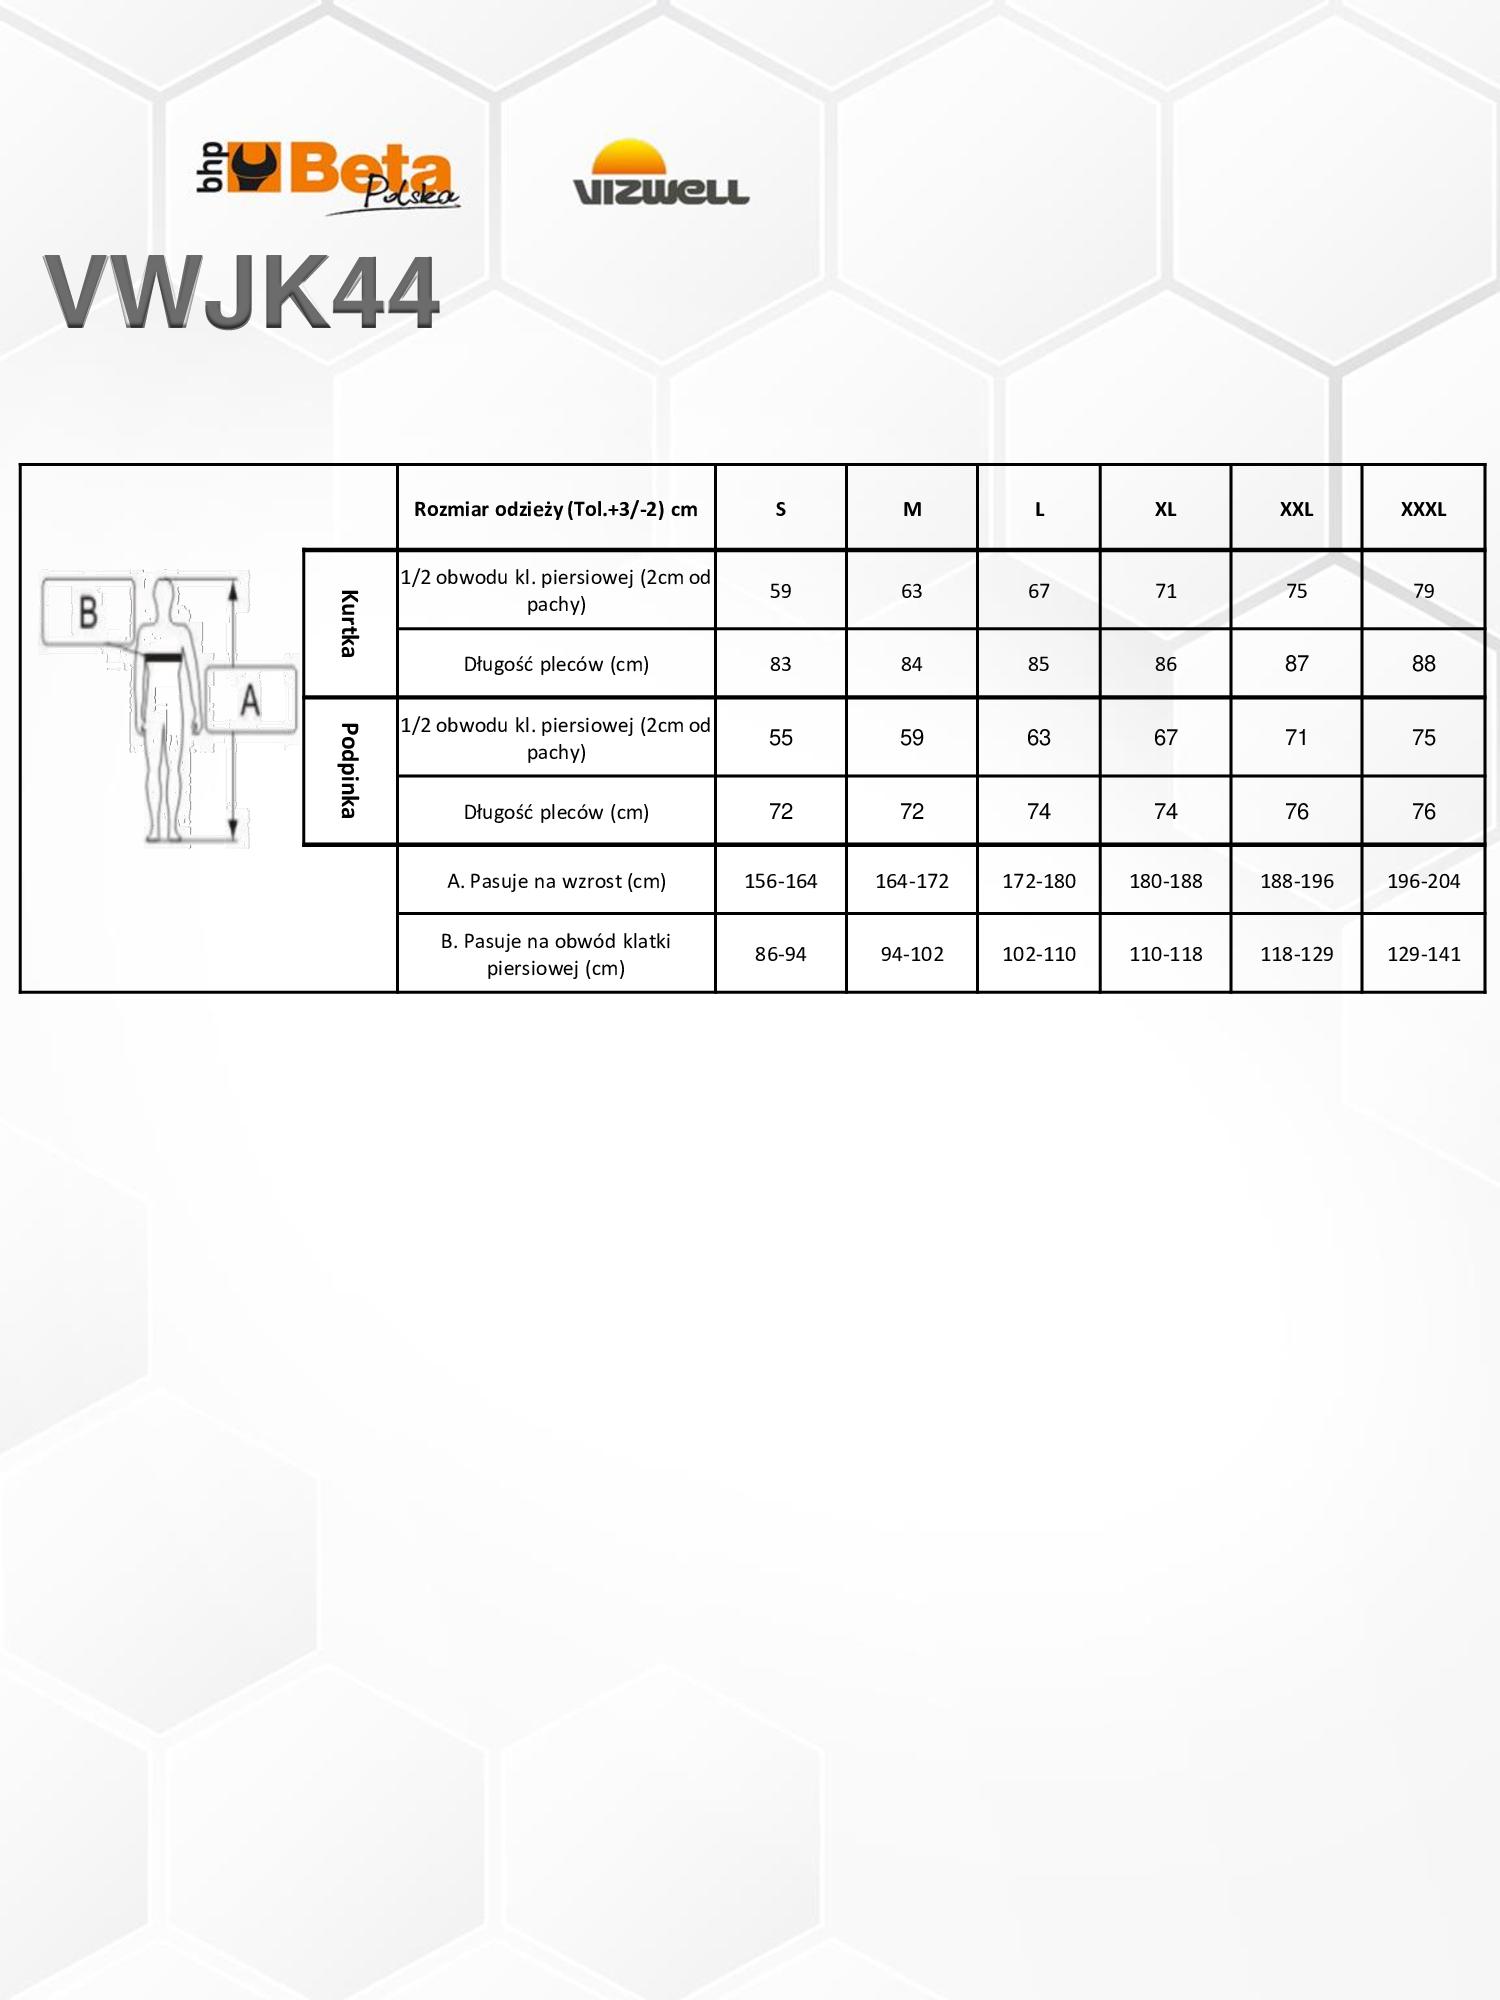 KURTKA OSTRZEGAWCZA 7 W 1 BETA VIZWELL VWJK44 Cechy dodatkowe odzież odblaskowa odzież wodoodporna odzież ocieplana